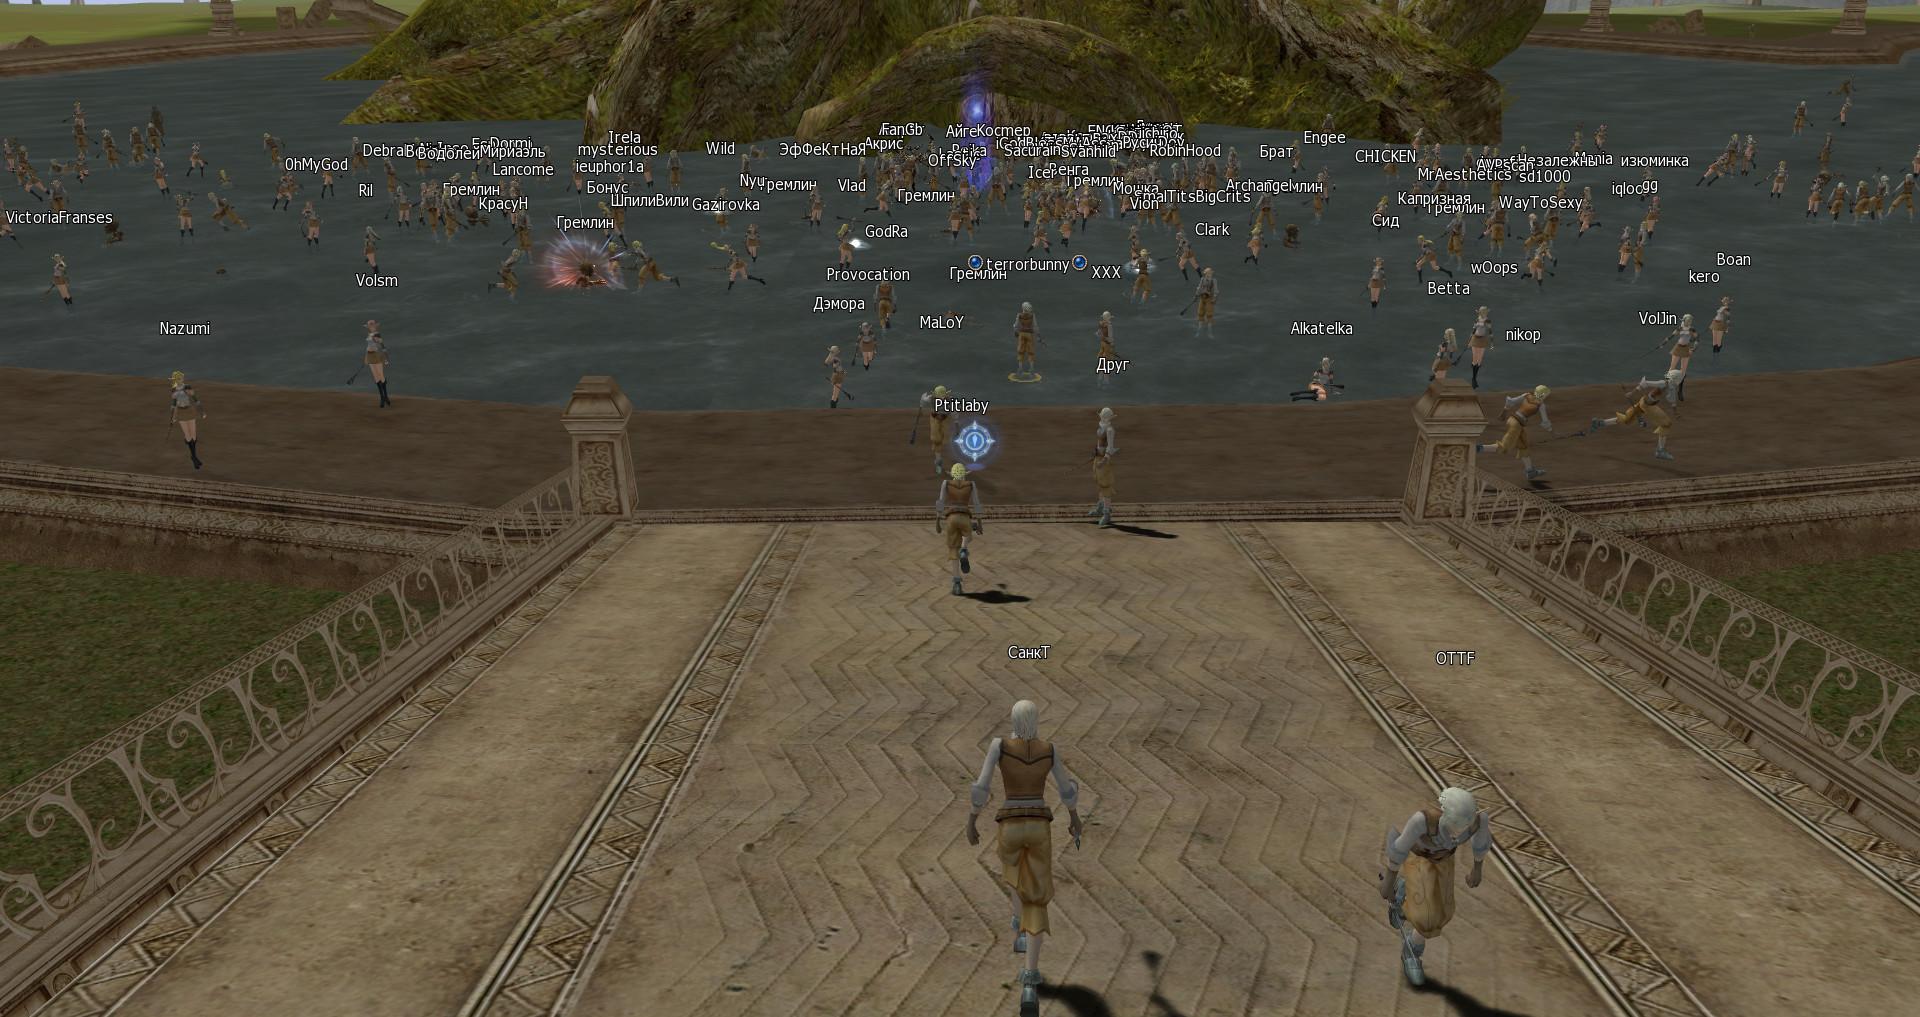 скриншот со старта сервера Gran Kain classic в деревне светлых эльфов